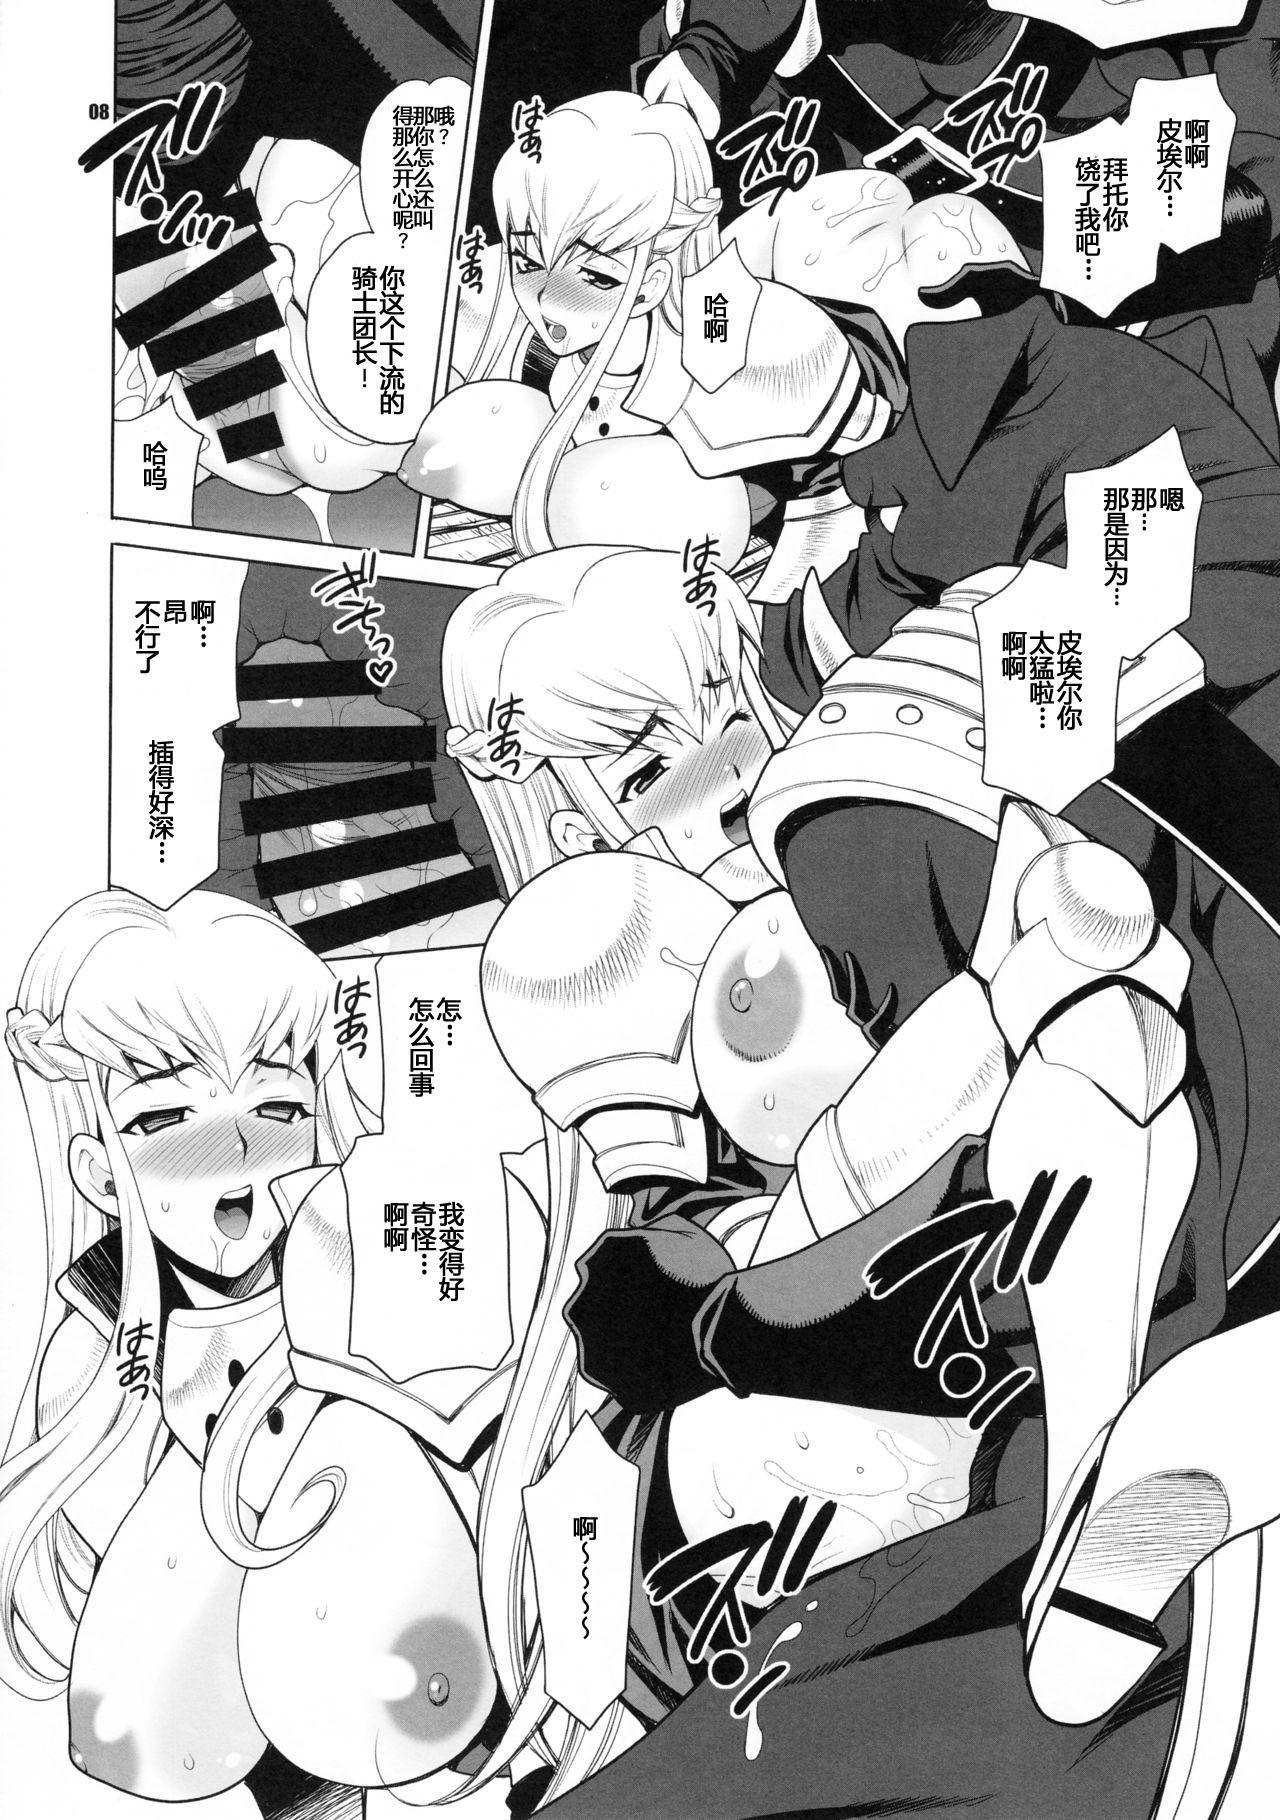 Yukiyanagi no Hon 38 Buta to Onnakishi 2 - Onnakishi wa Elf Shounen ga Okiniiri 6